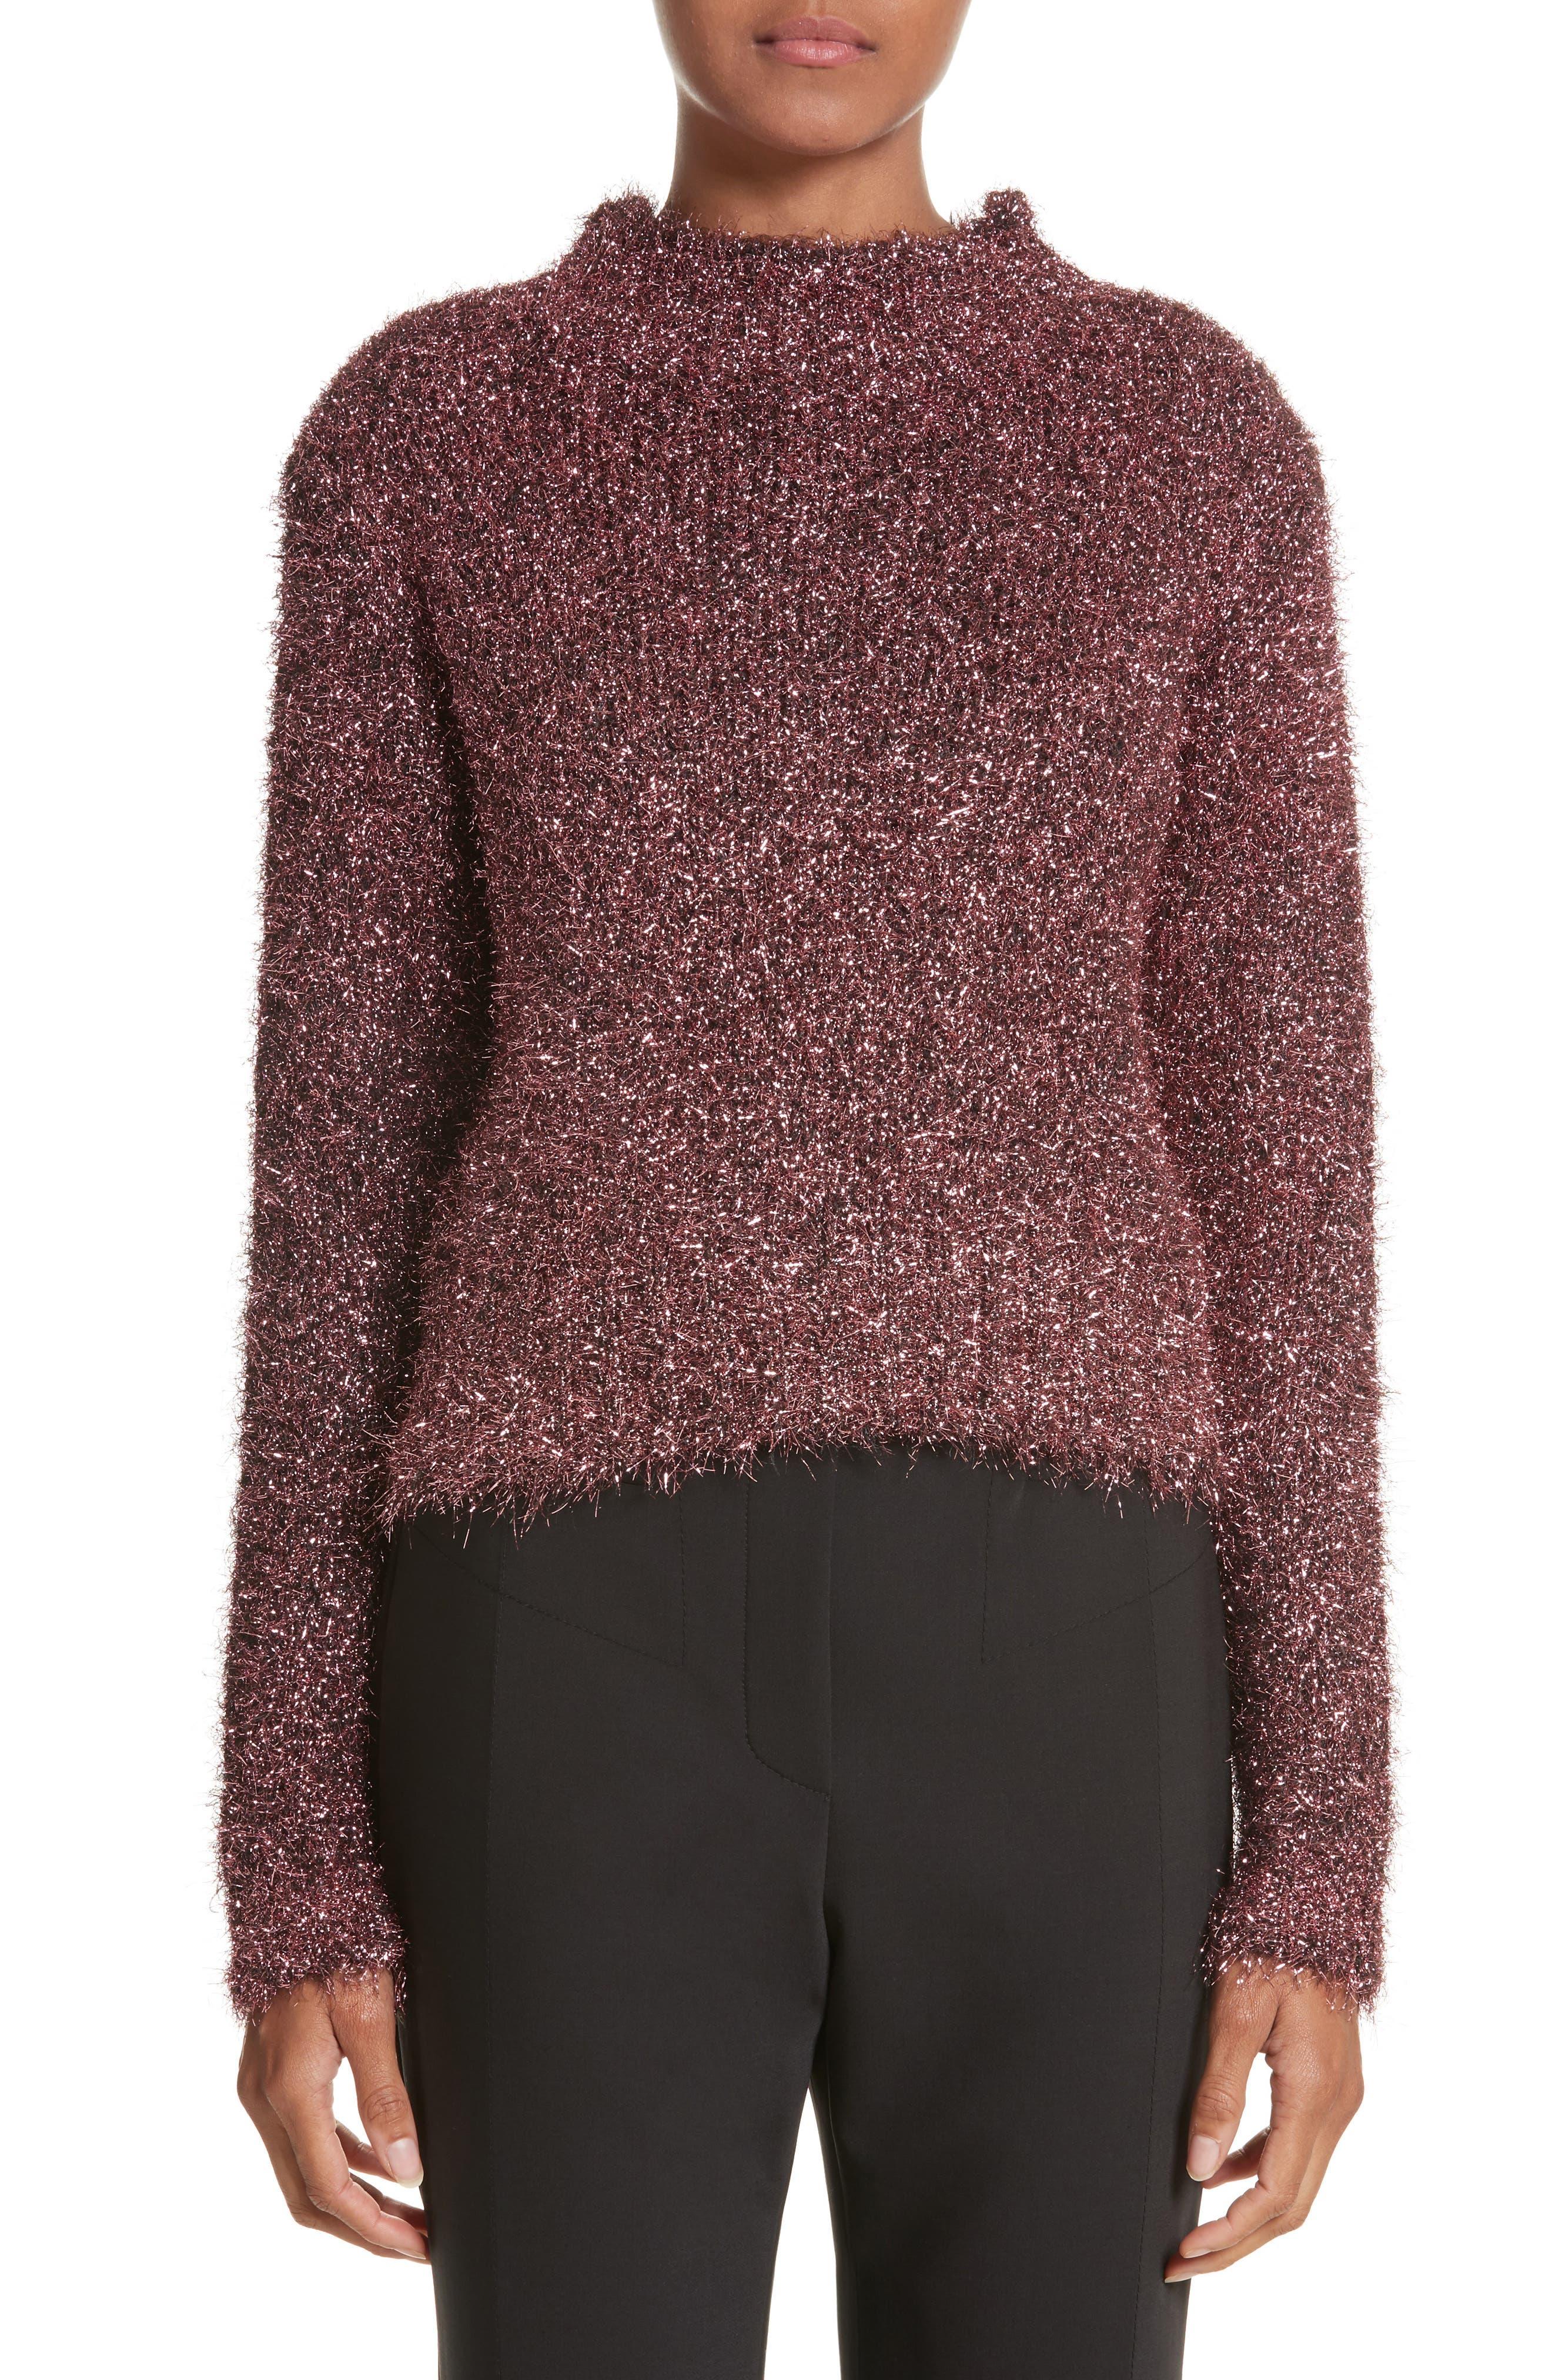 Vaporize Textured Metallic Sweater,                         Main,                         color, 650